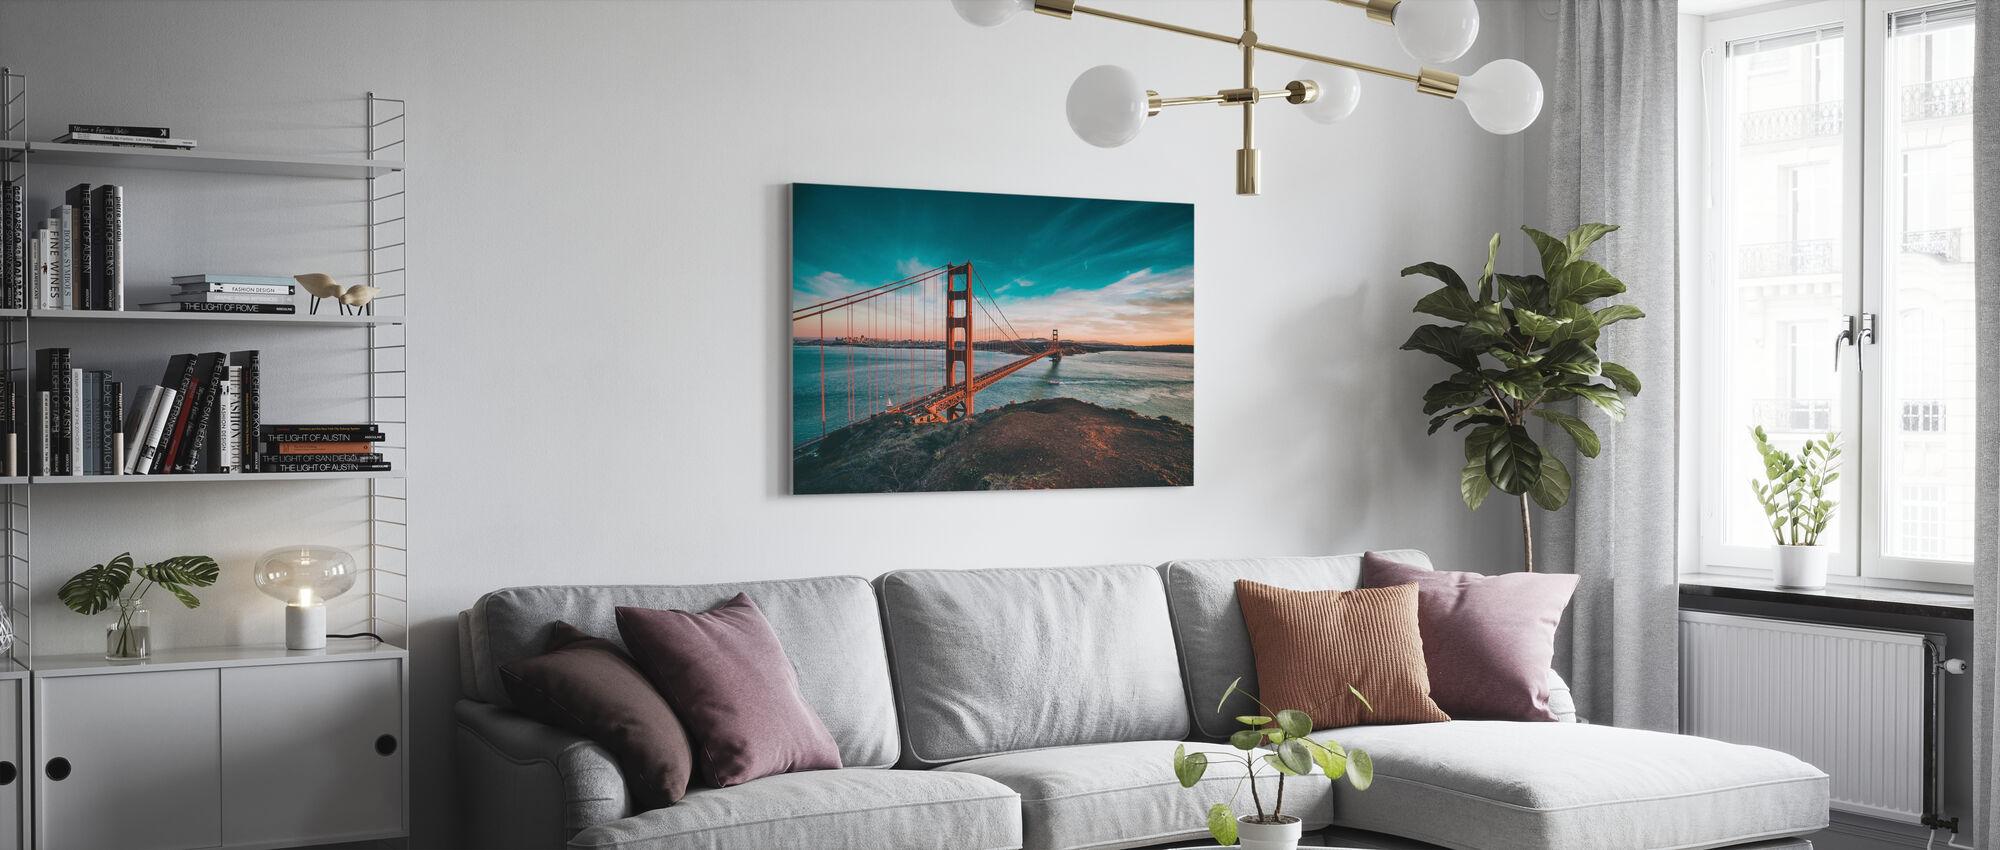 San Franciscos bro - Billede på lærred - Stue